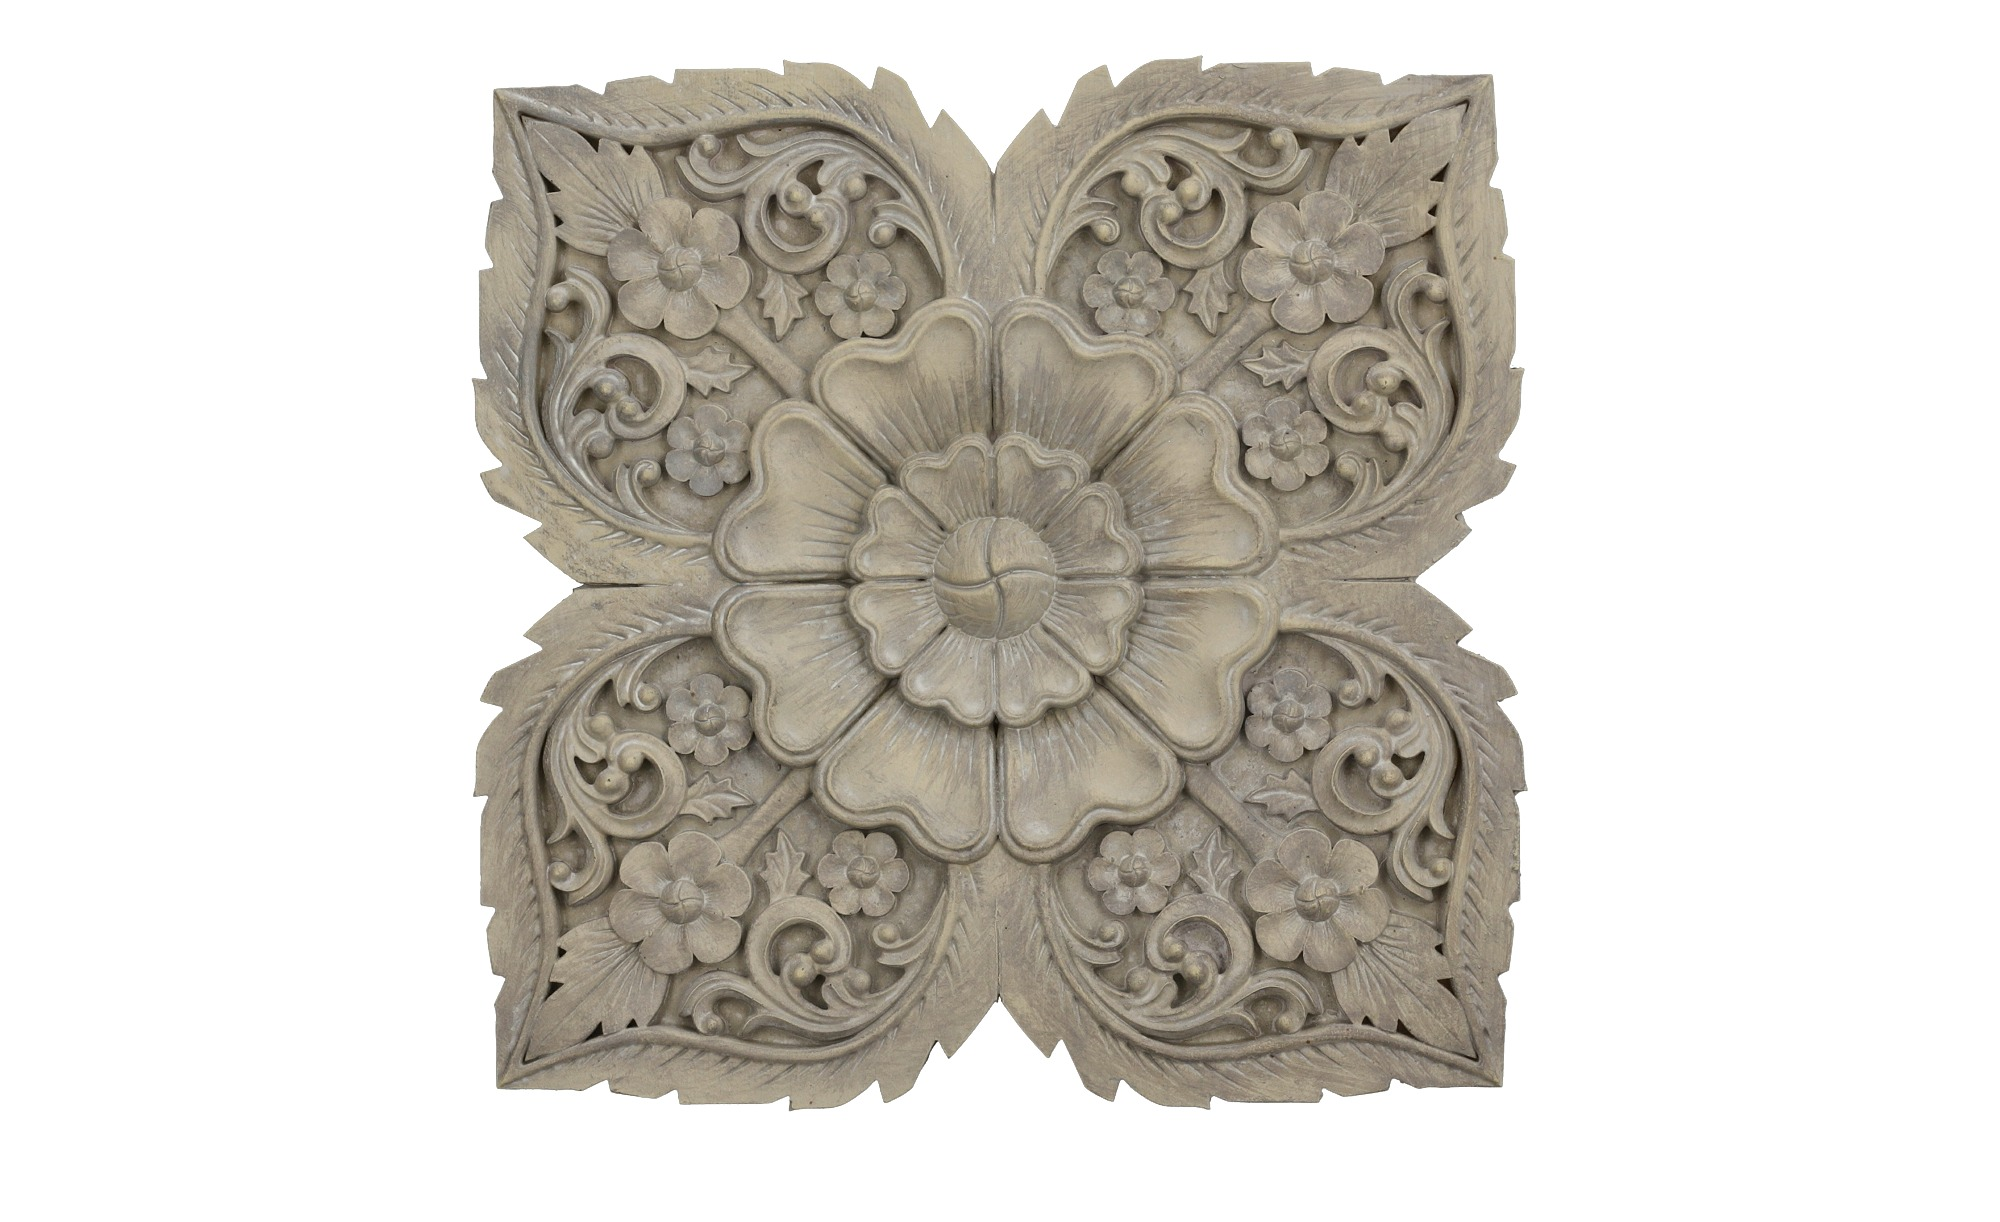 Wanddekoration ¦ grau ¦ Polyresin (Kunstharz) Dekoration > Dekoartikel - Hö günstig online kaufen